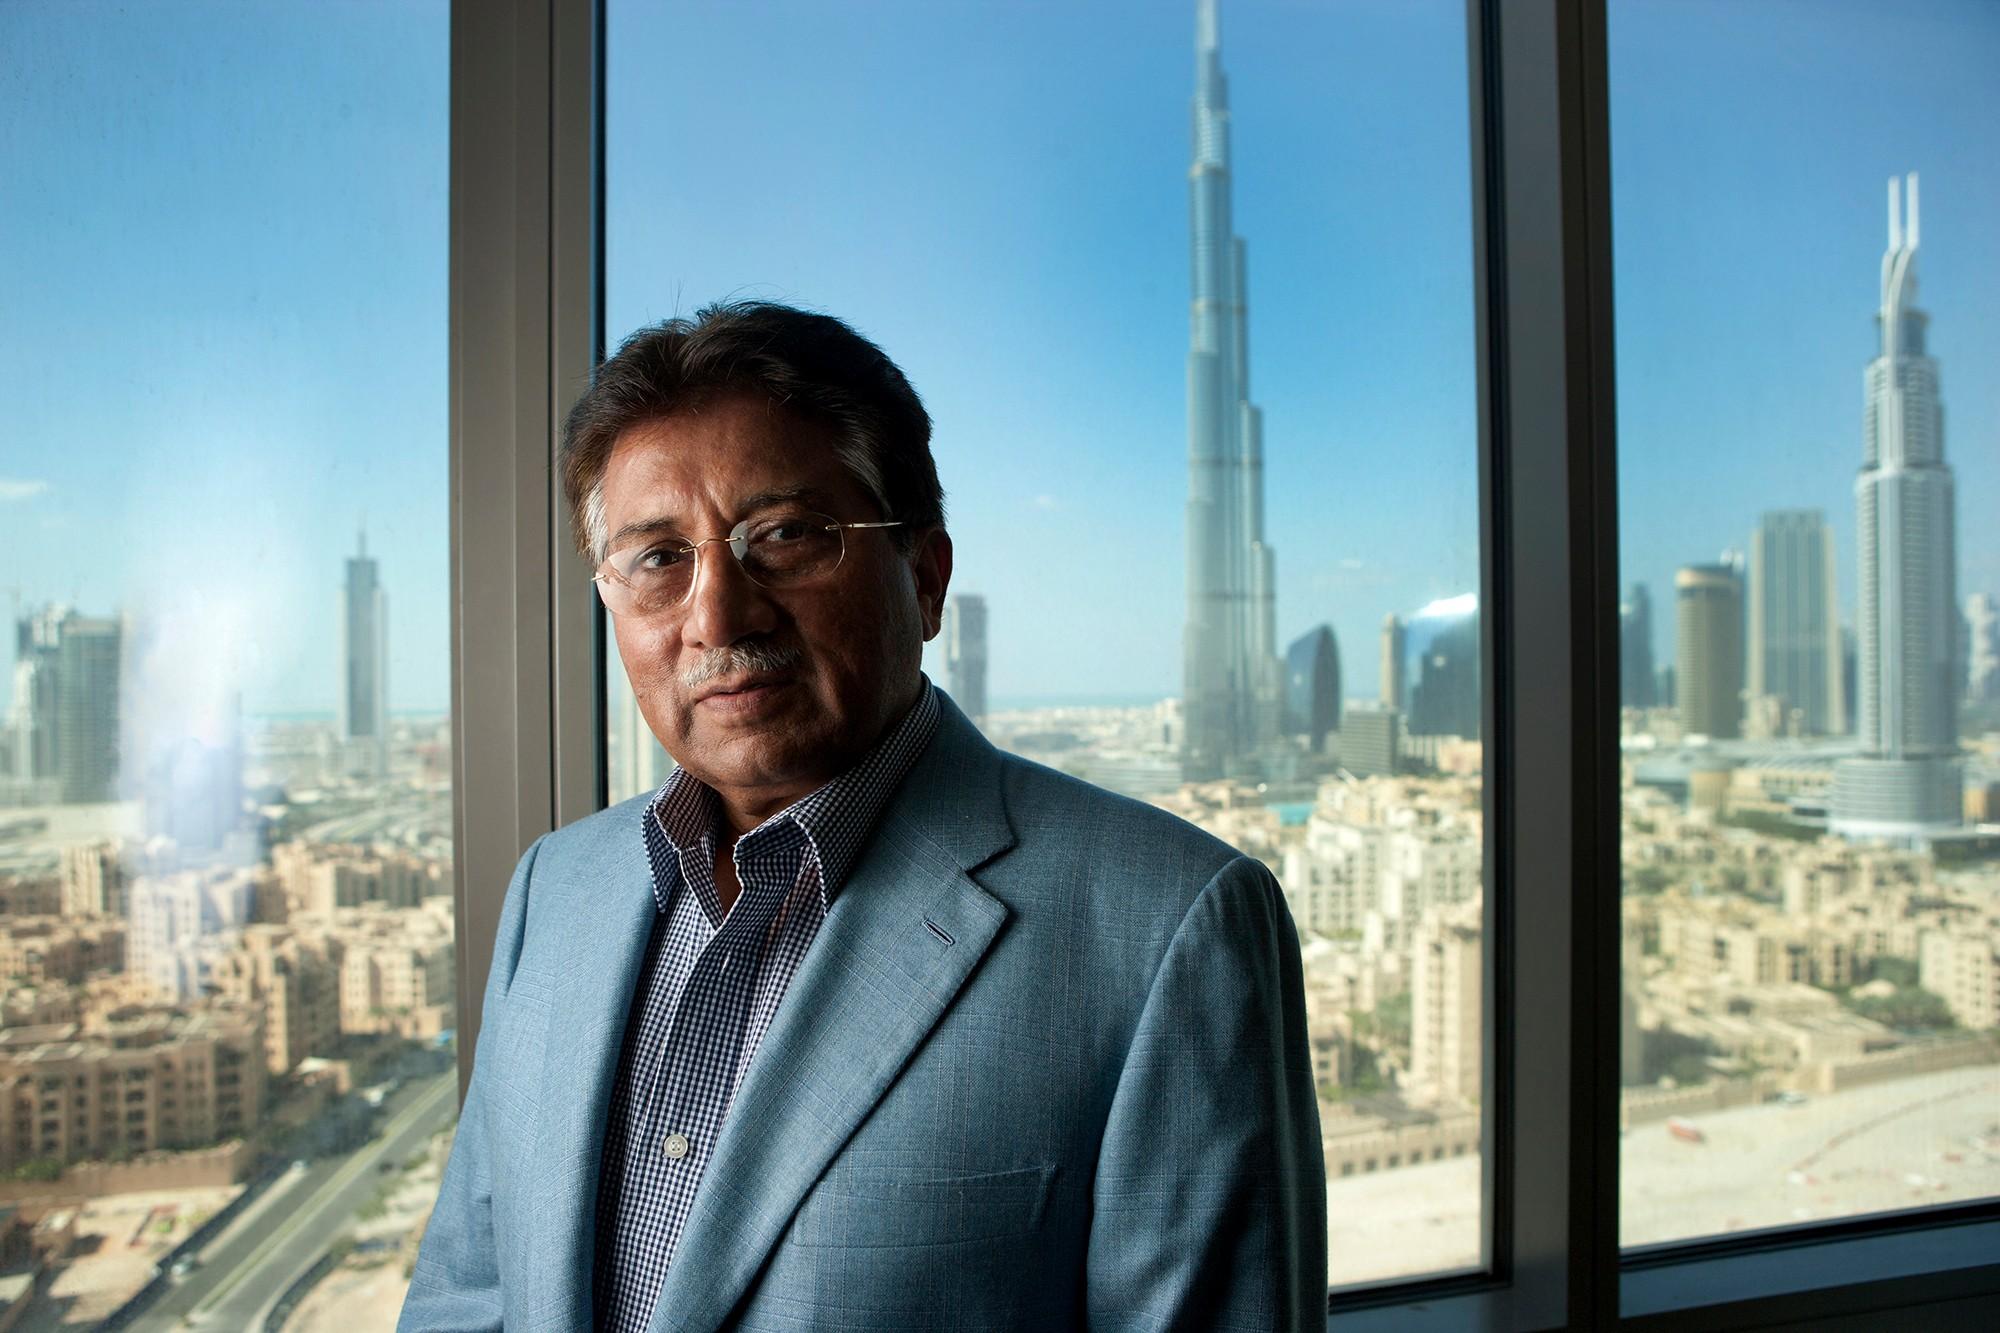 Các nhà lãnh đạo thế giới bị phế truất sống xa hoa đến không tưởng ở Dubai - Ảnh 2.